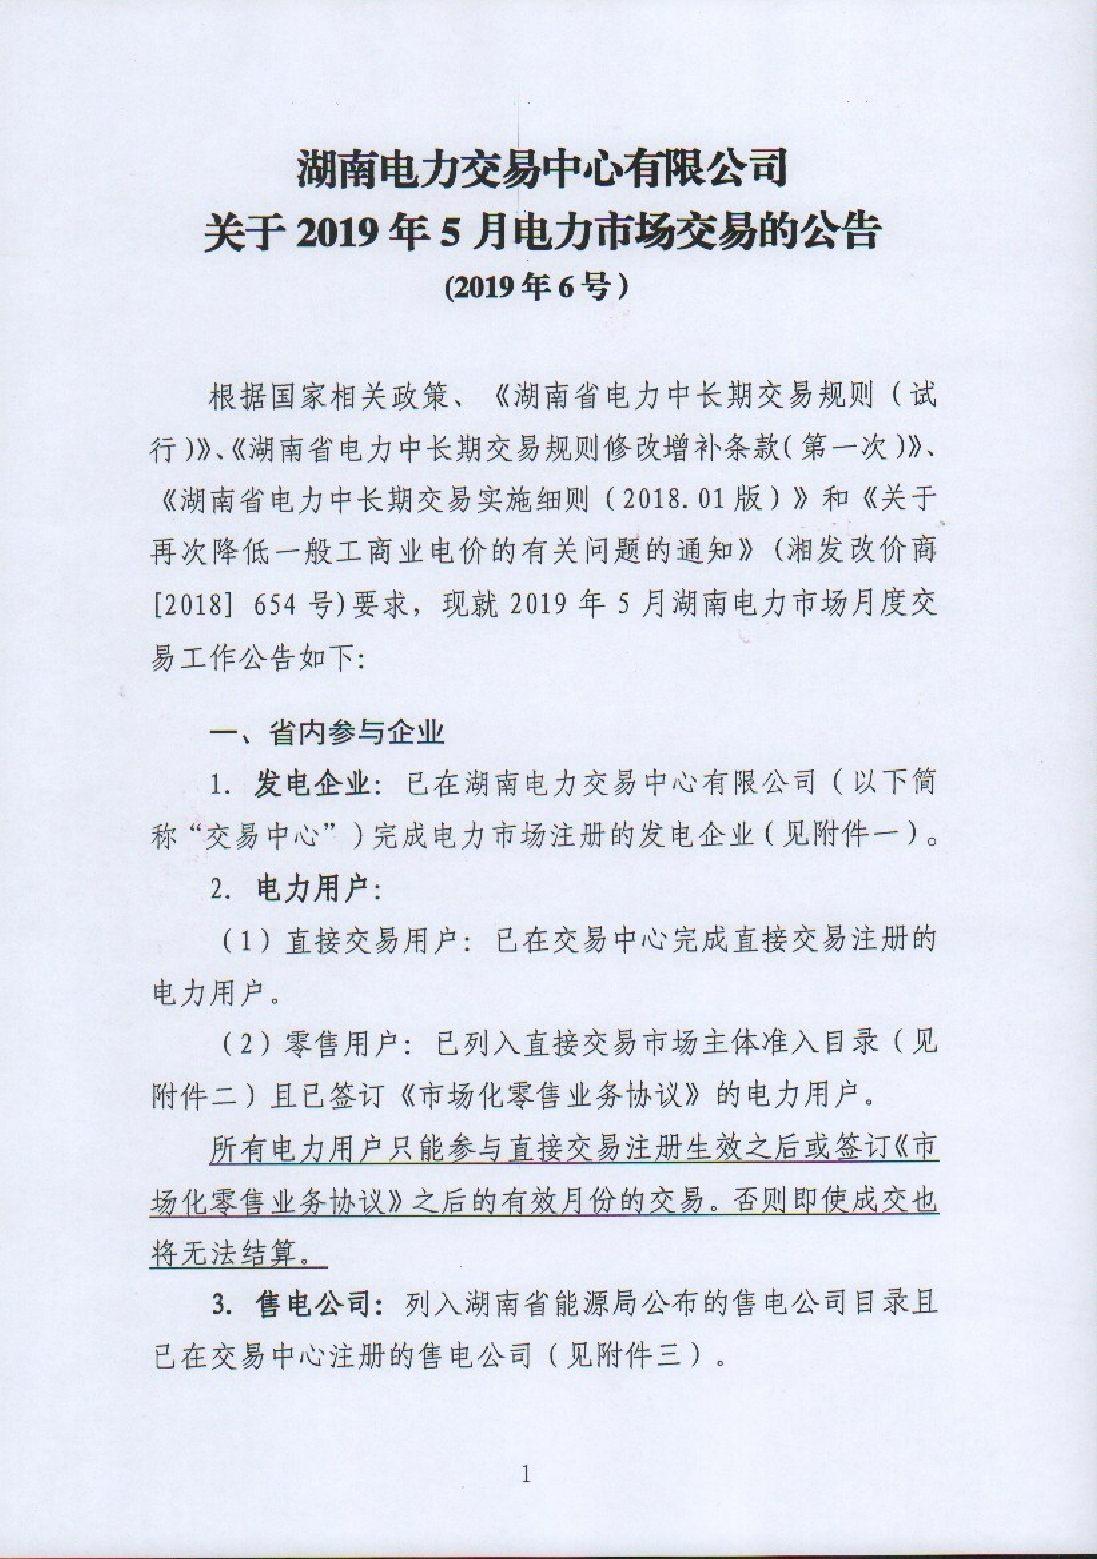 2019年第6號交易公告(5月月度交易).pdf_page_01_compressed.jpg